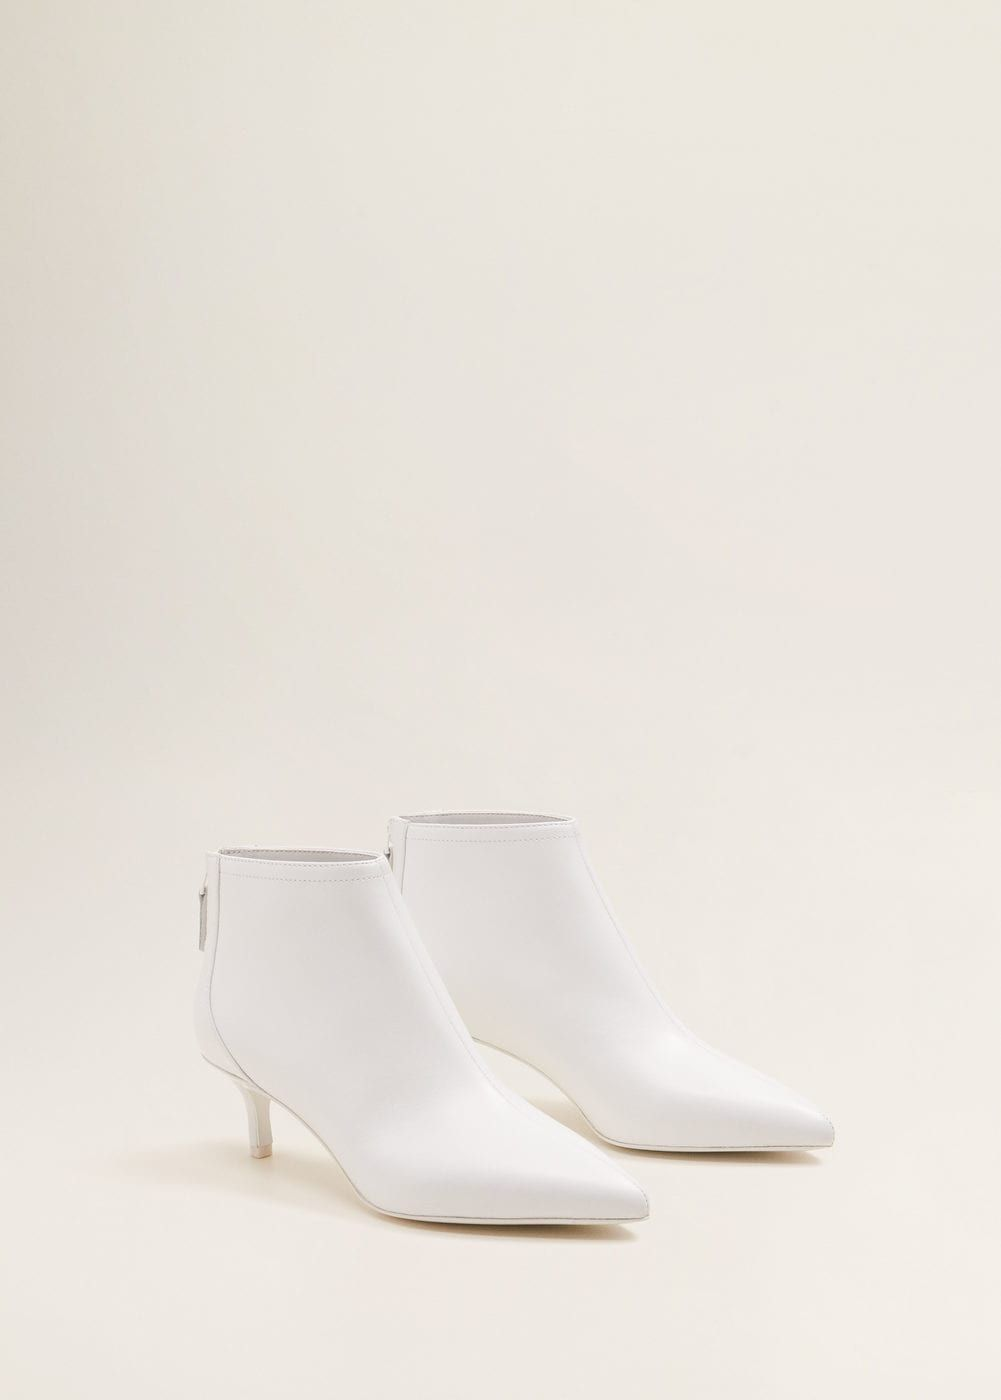 7ae5fa31e42 Zipped white leather ankle boots - these I love.